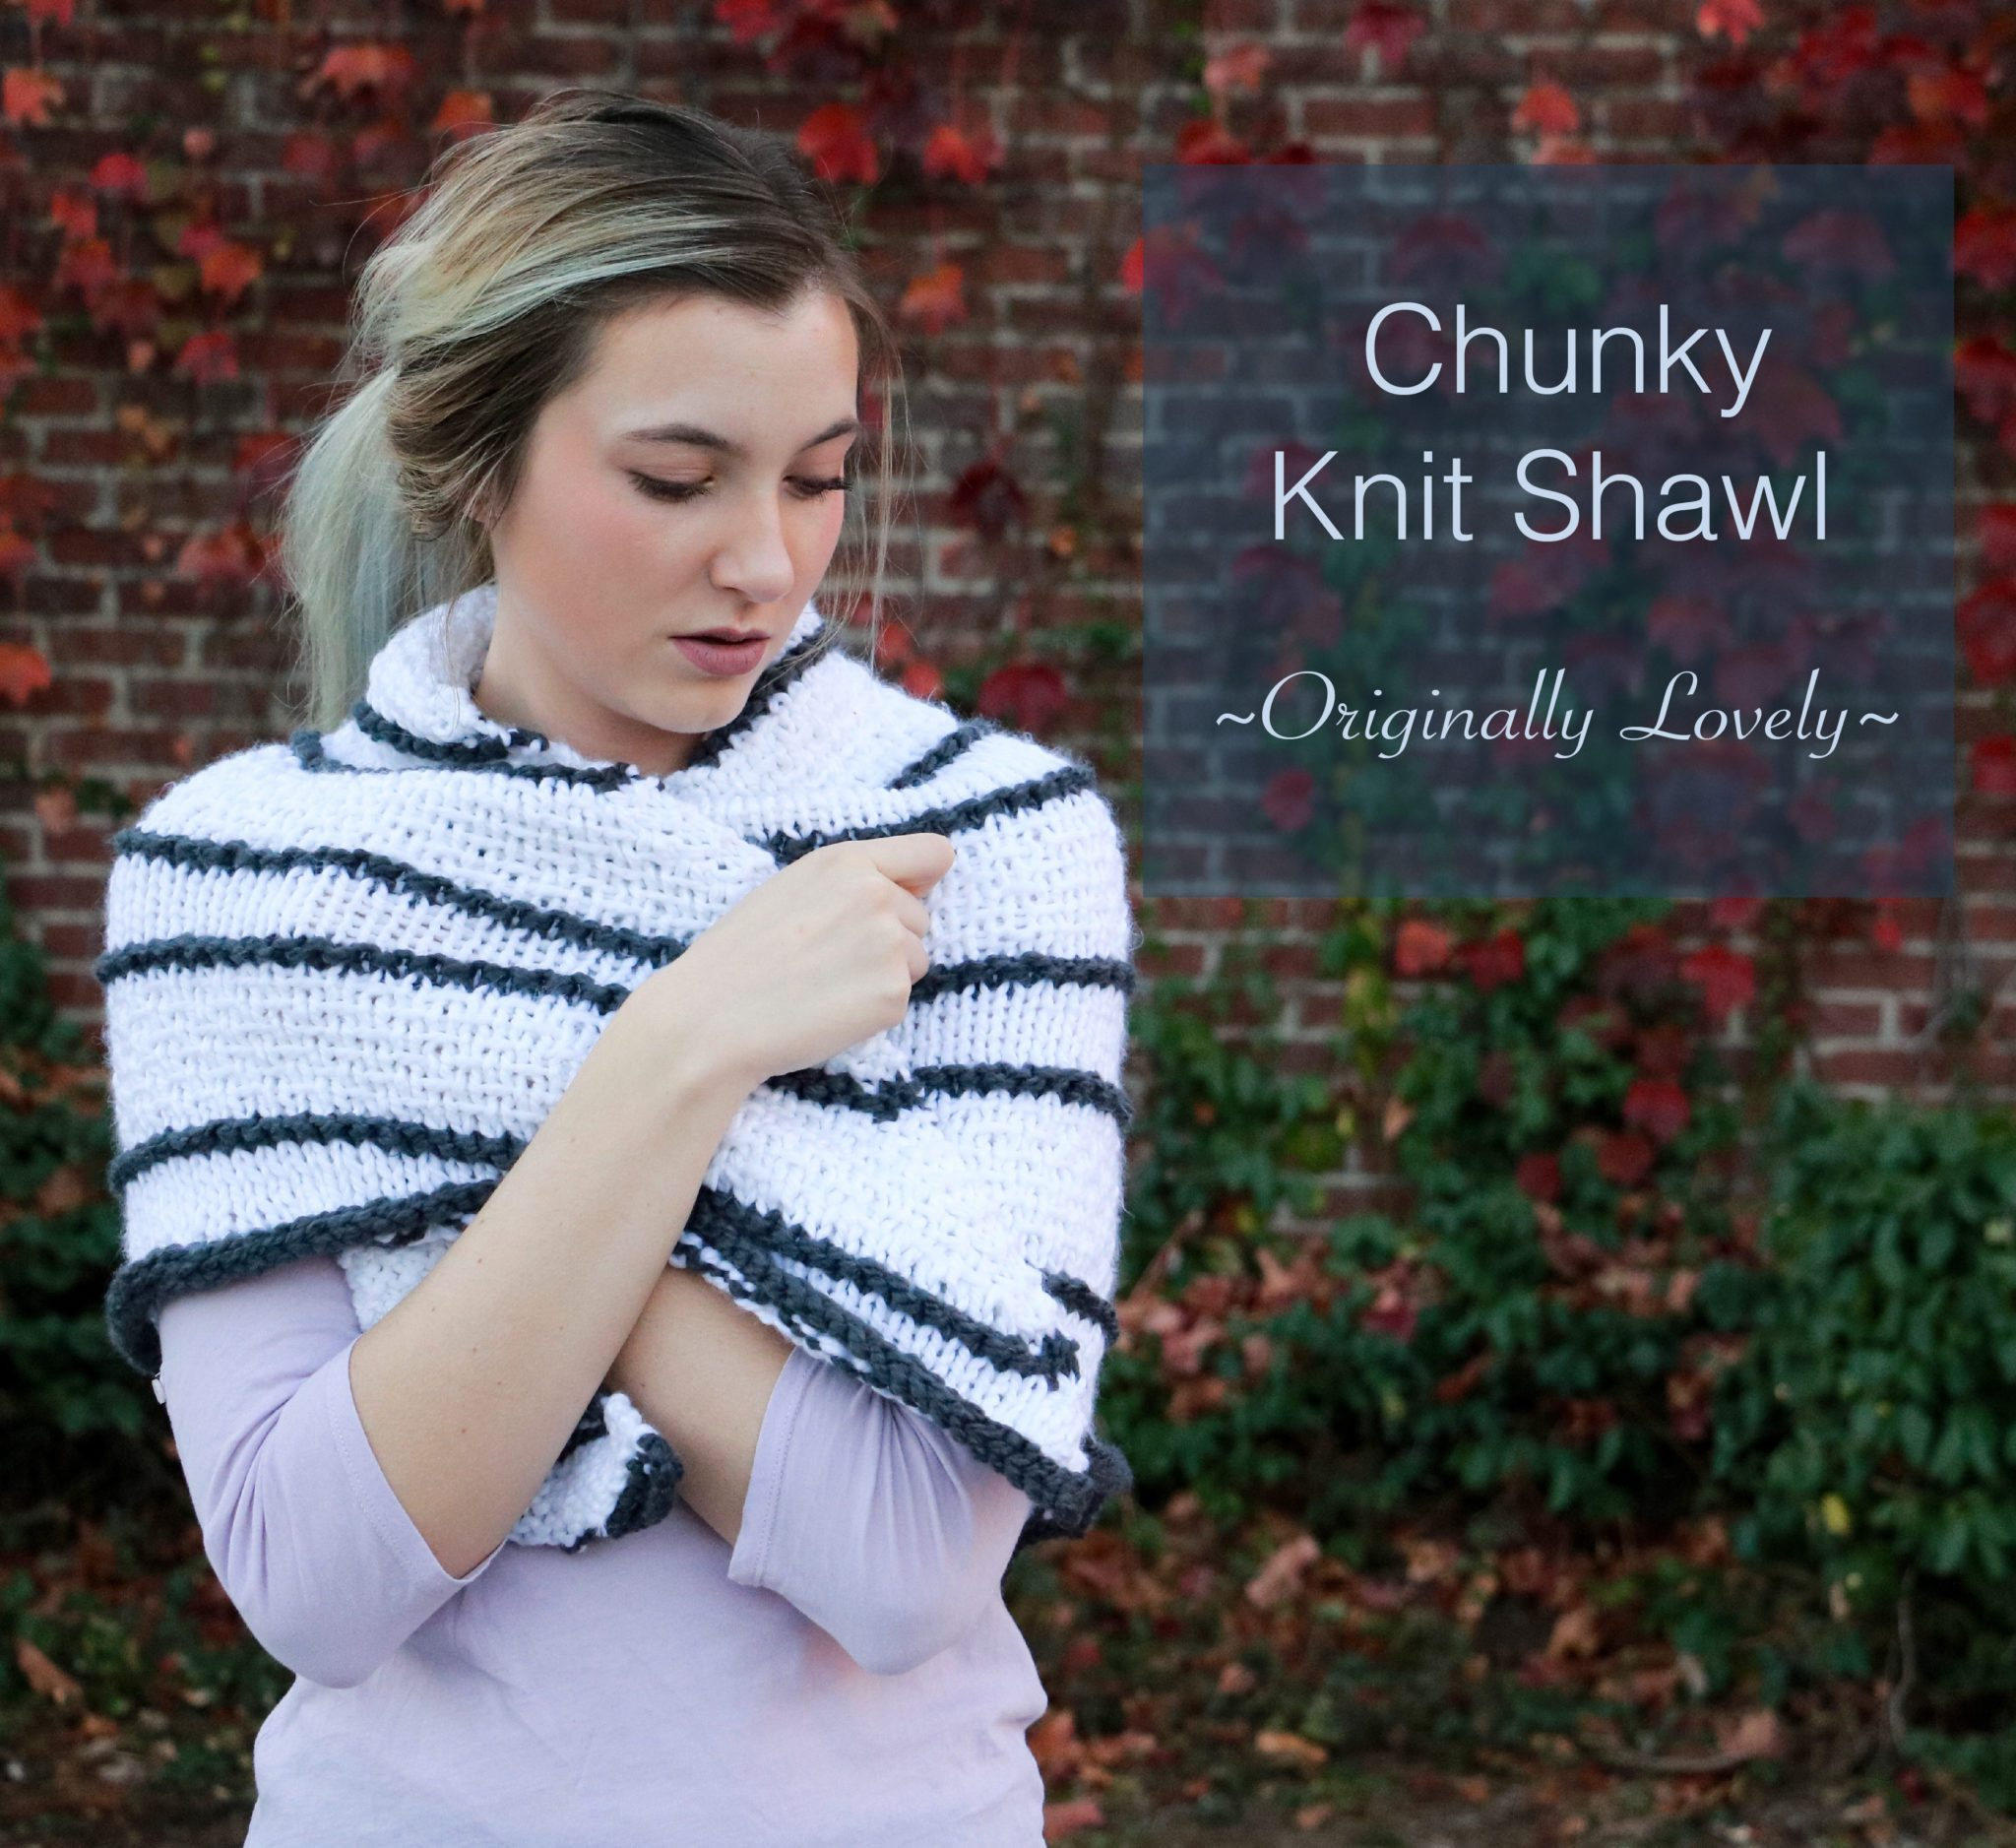 Knitting Patterns Galore - Chunky Shawl